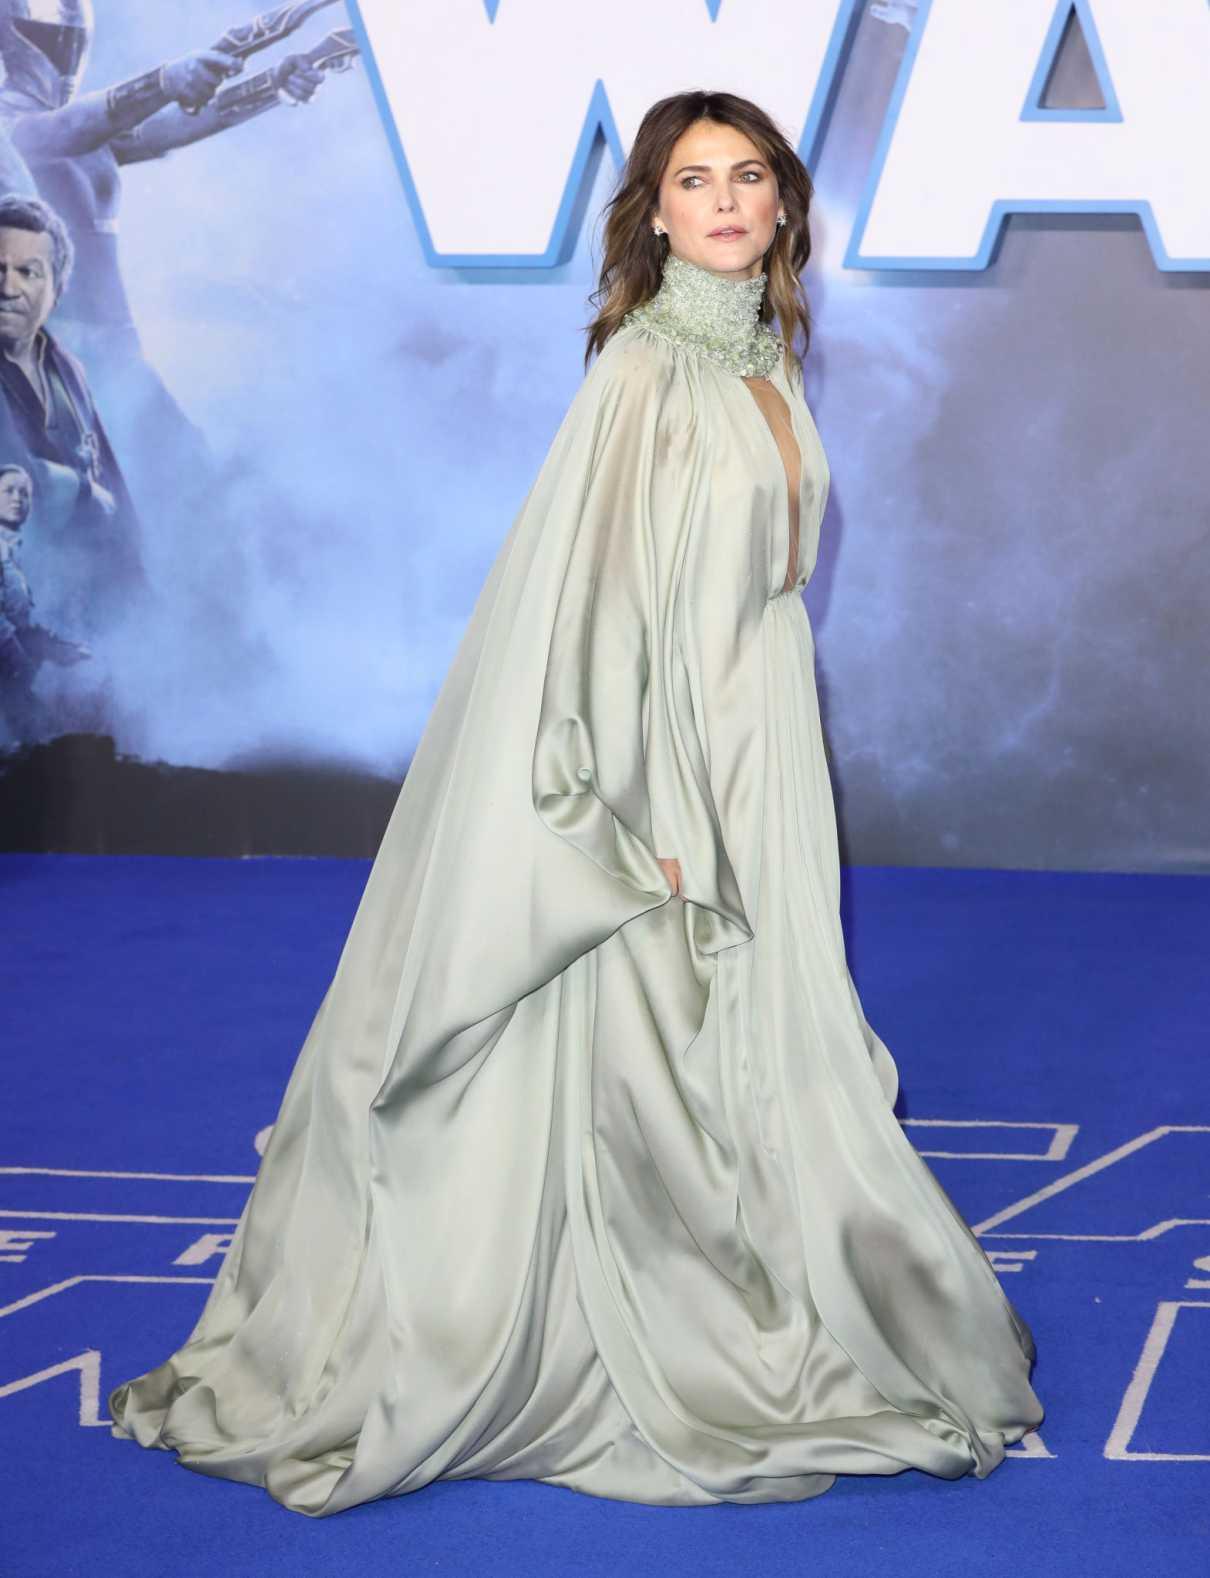 Keri Russell Attends Star Wars The Rise Of Skywalker Premiere In London 12 18 2019 3 Lacelebs Co